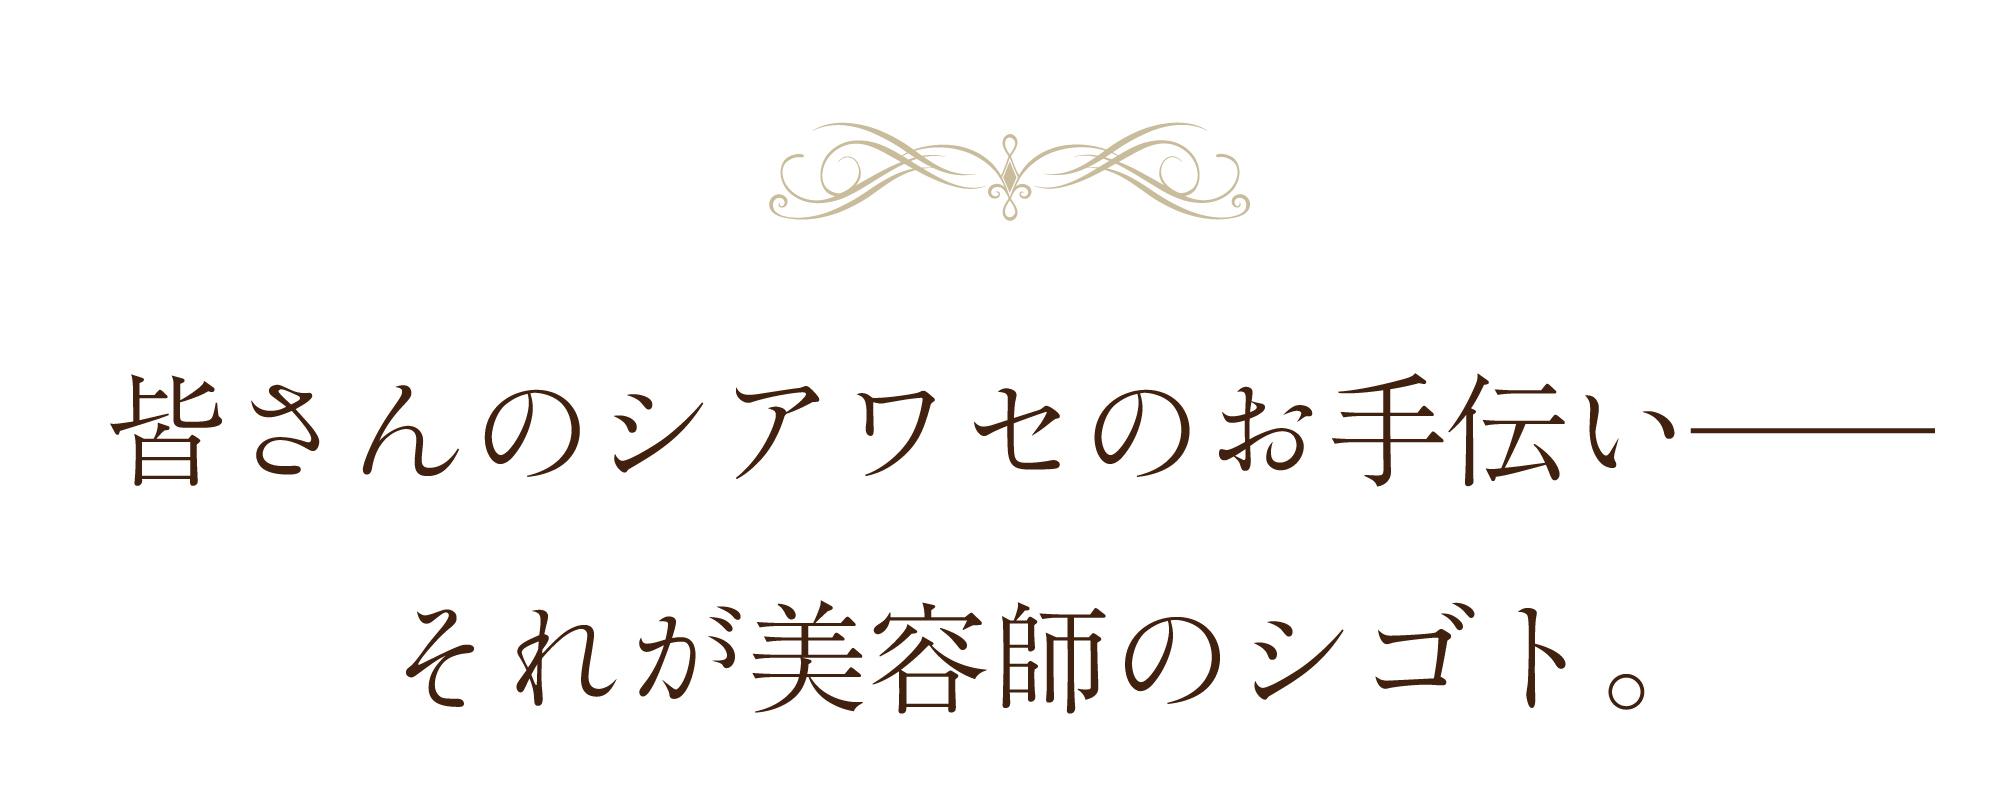 堺東の美容室・美容院|「grates」グラテス|コンセプトタイトル1